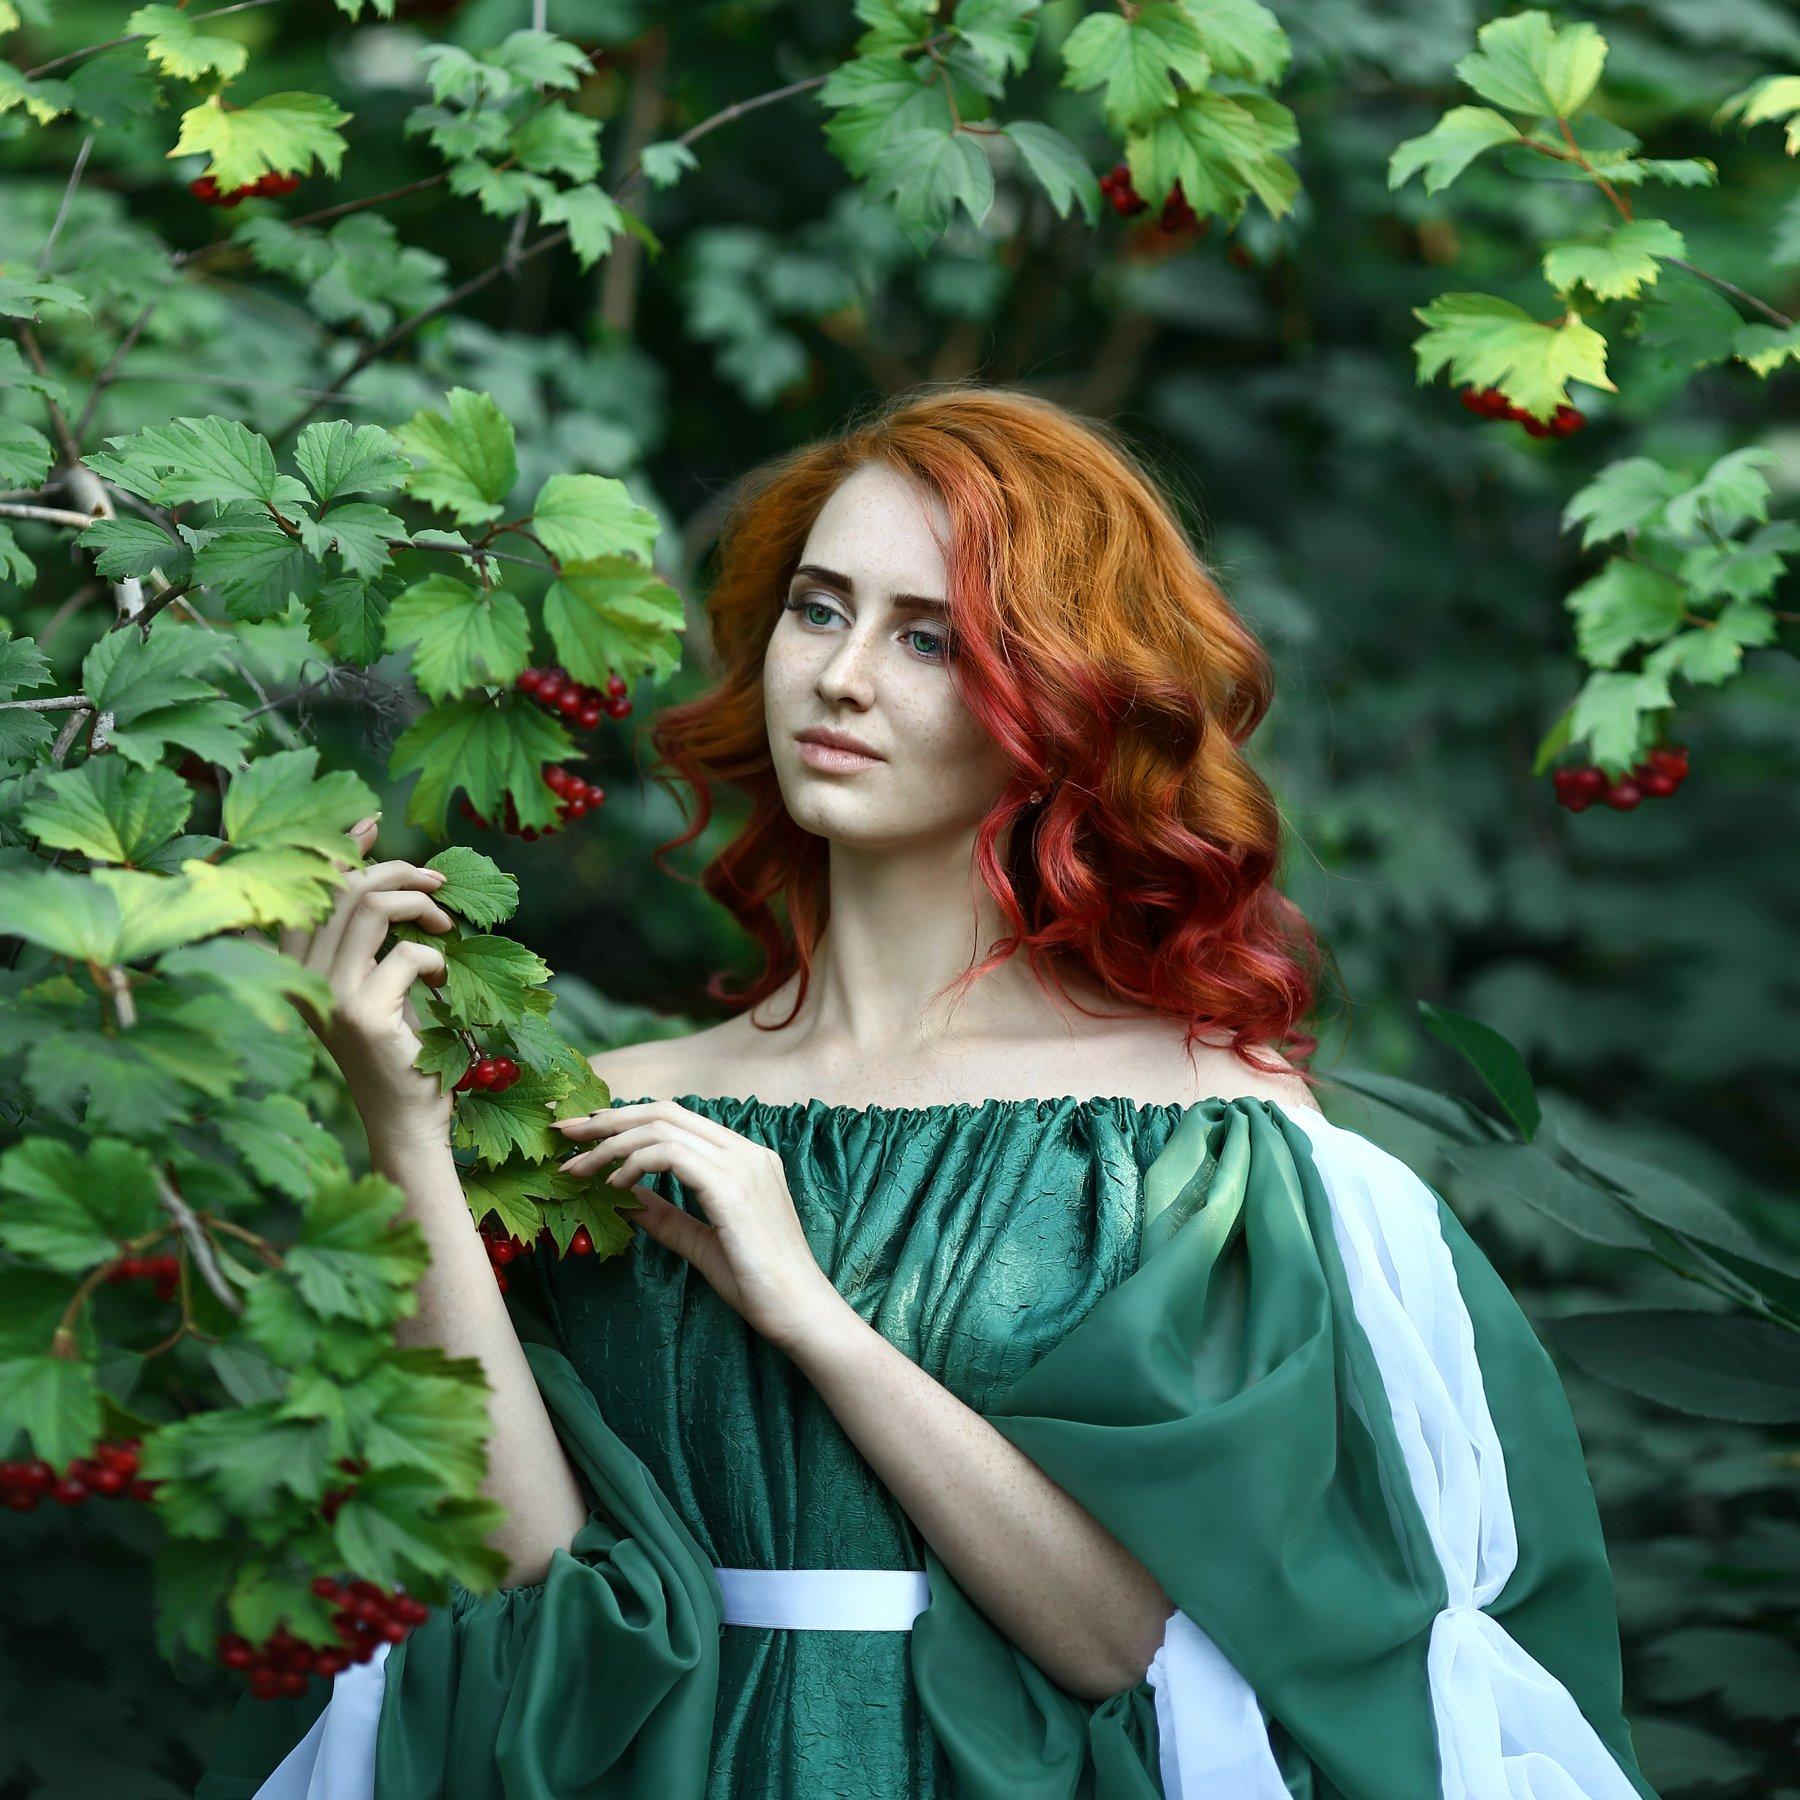 рыжая, рыжая девушка, рыжая девушка в рябине, Ирина Голубятникова